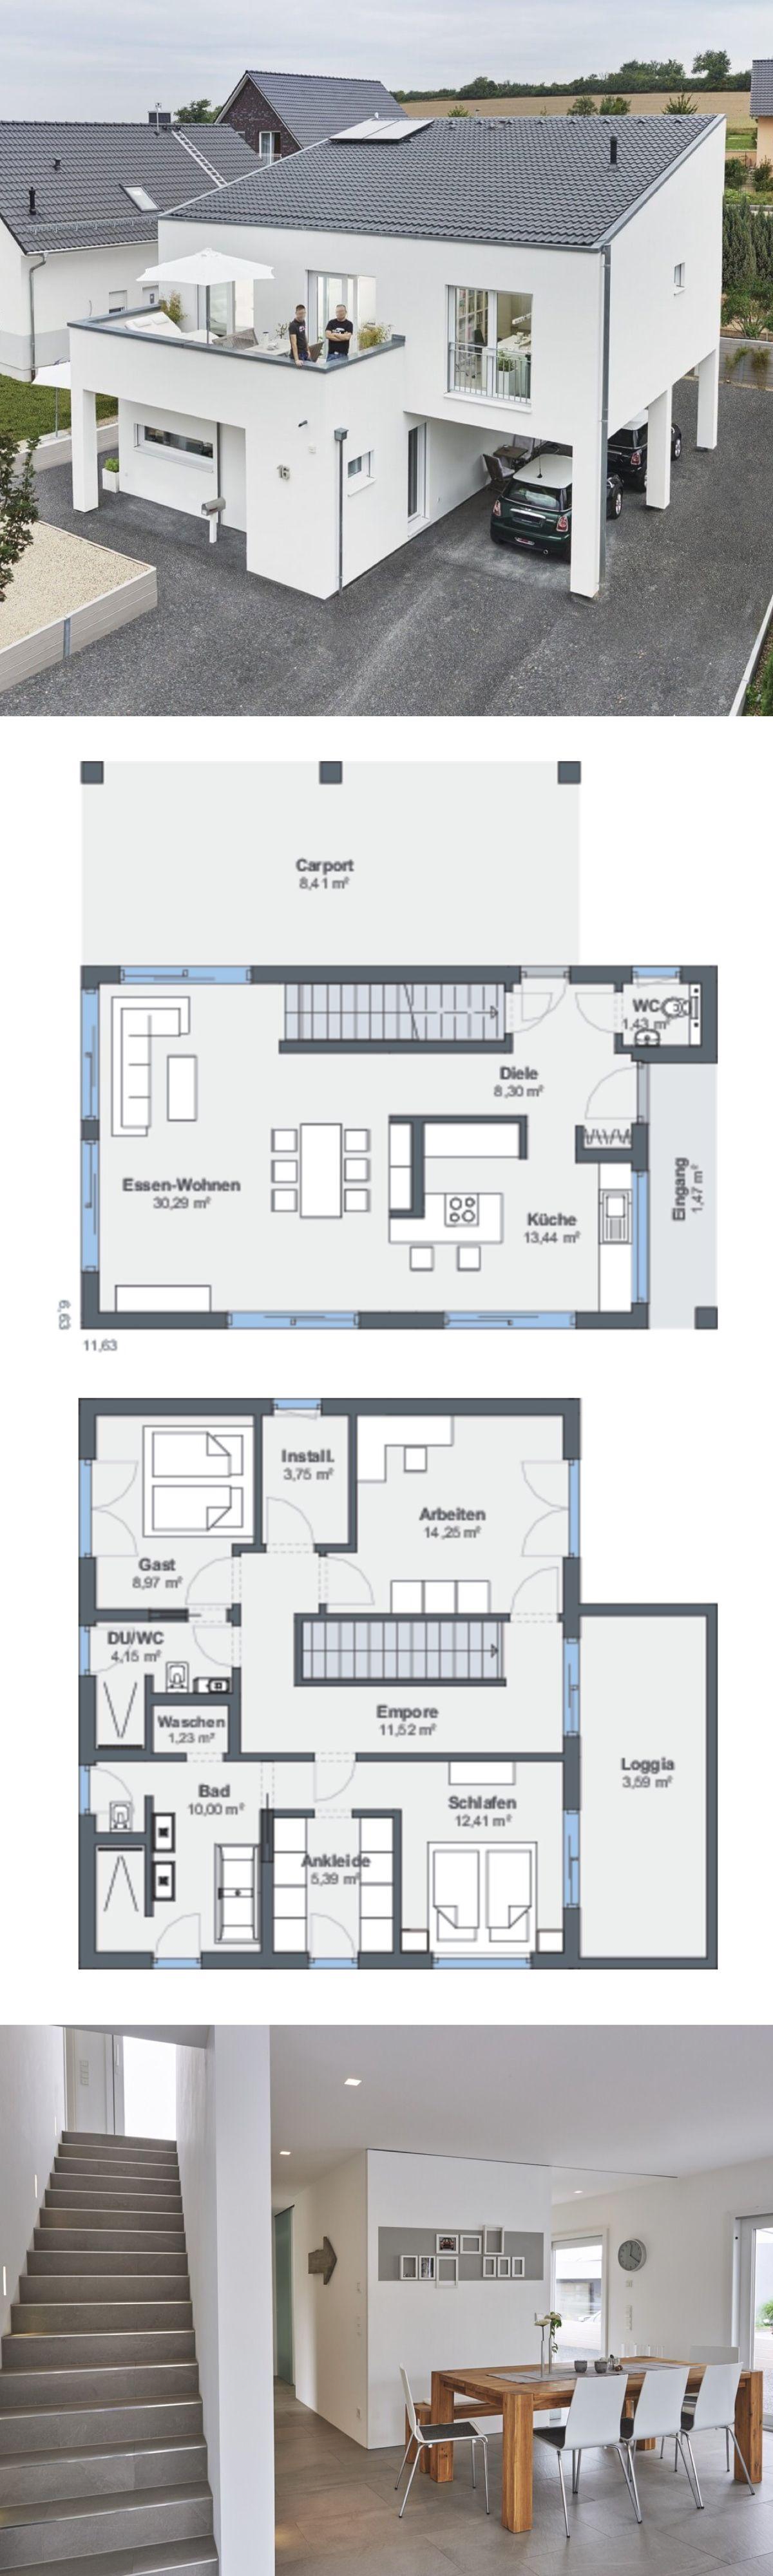 Modernes Haus mit Pultdach und Carport